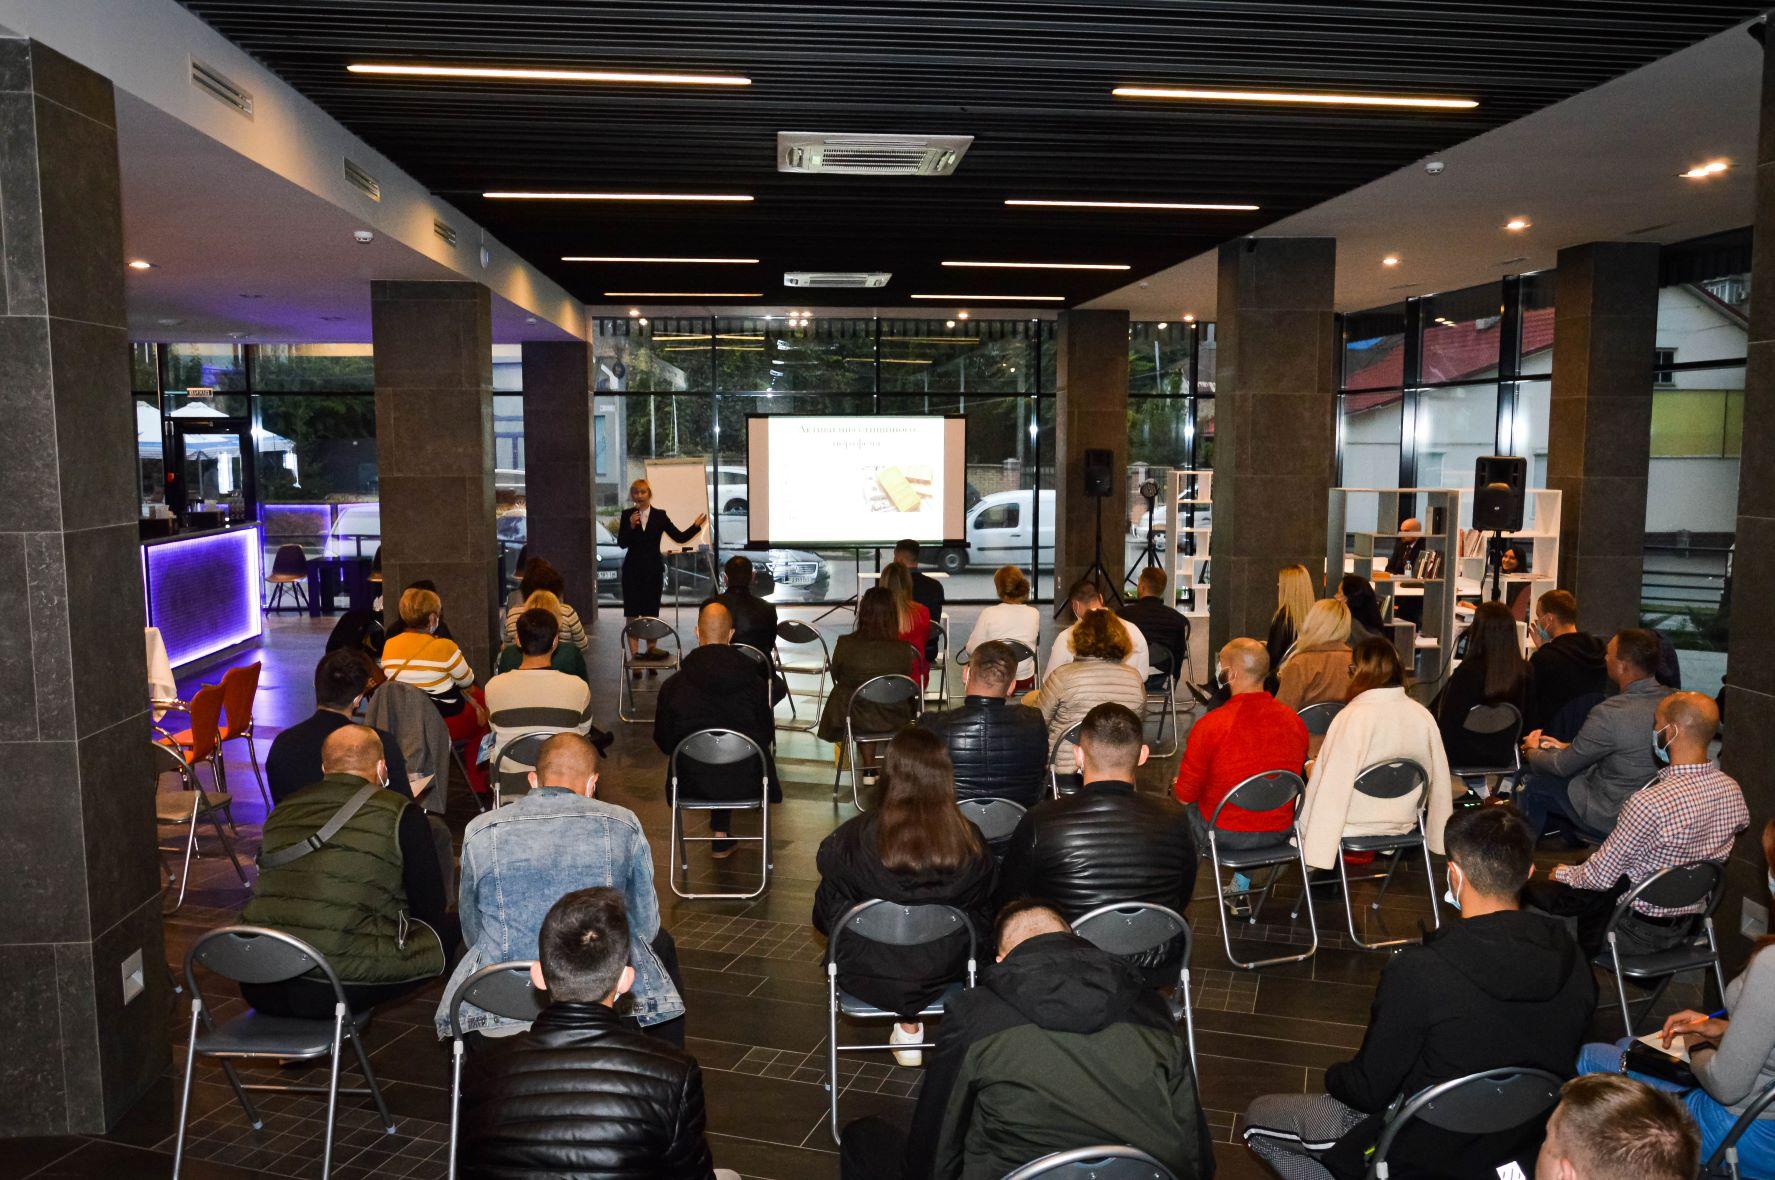 ЦБТ провів актуальну дискусійну панель в Чернівцях - 9 фото